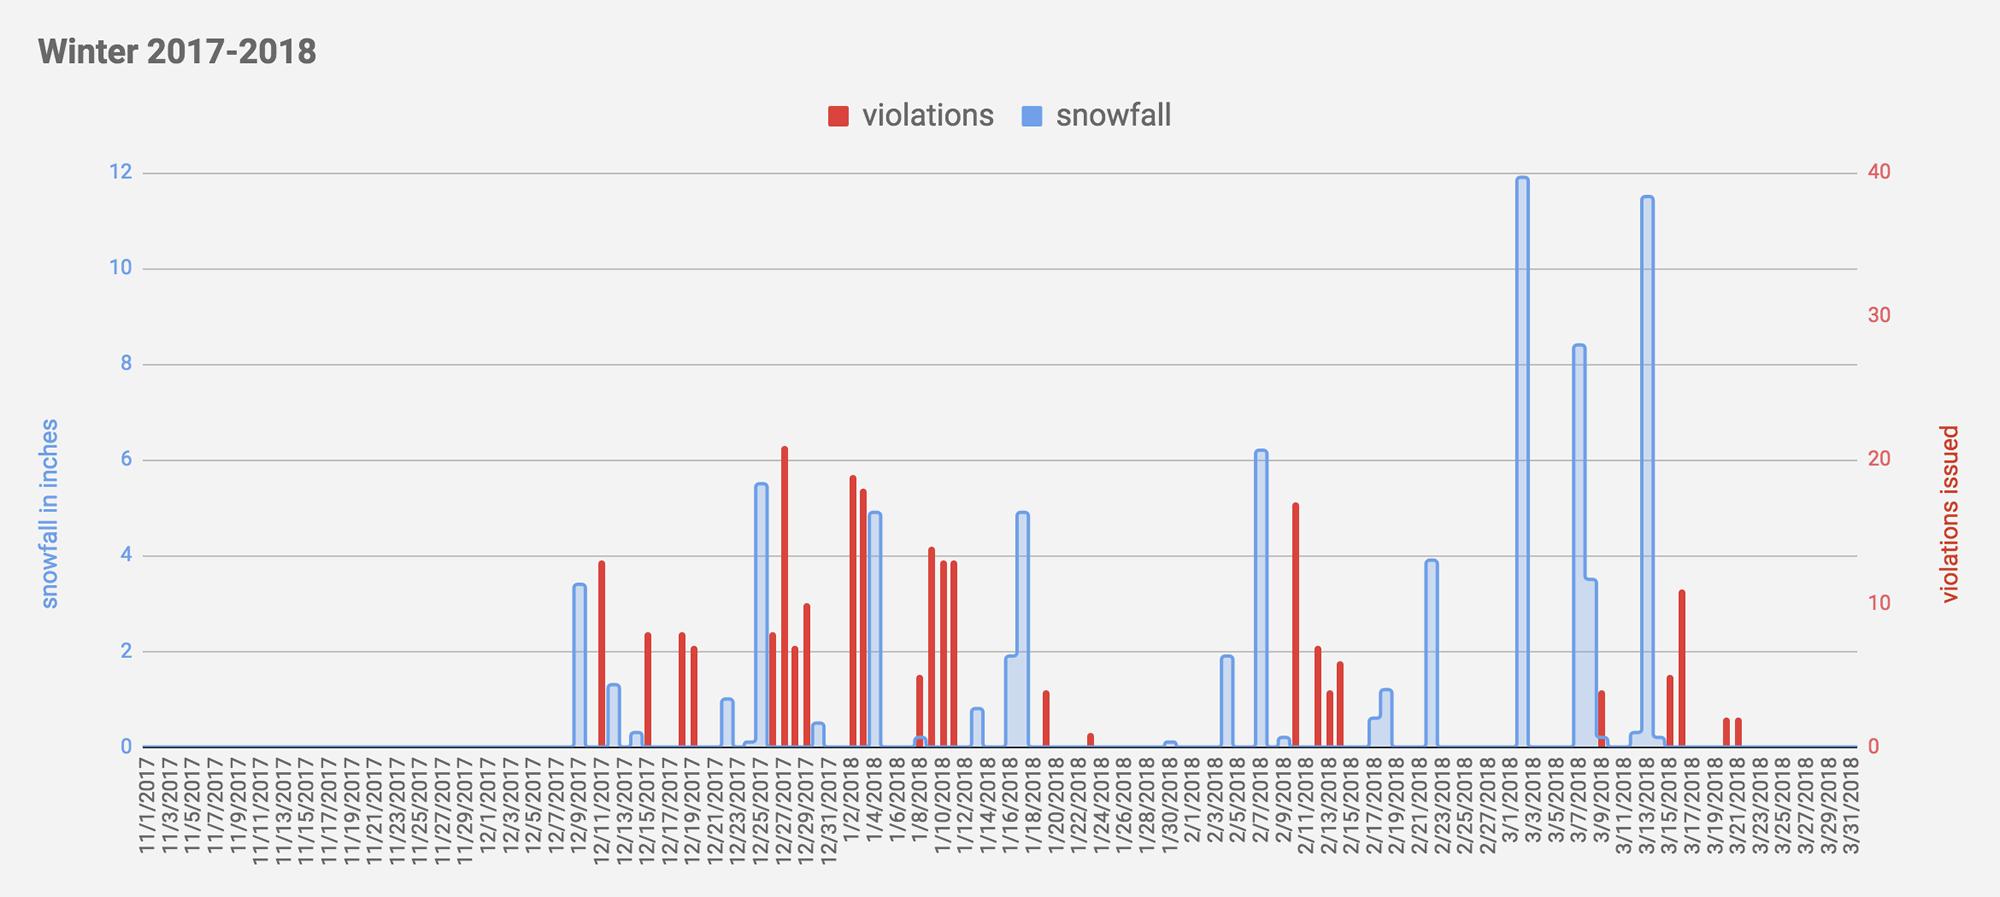 Albany snowfall snowy sidewalk violations 2017-2018